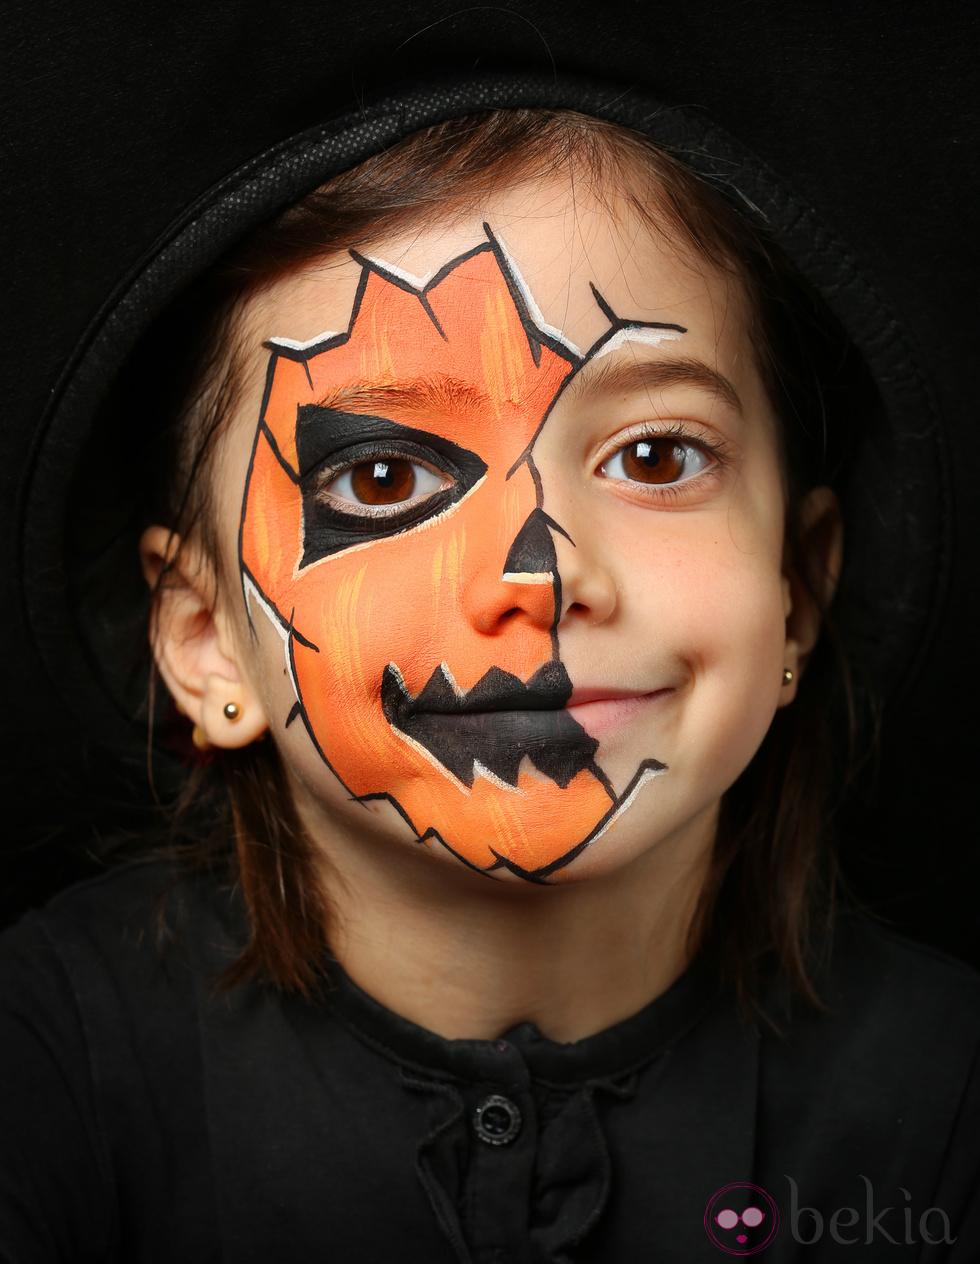 maquillage sorciere orange